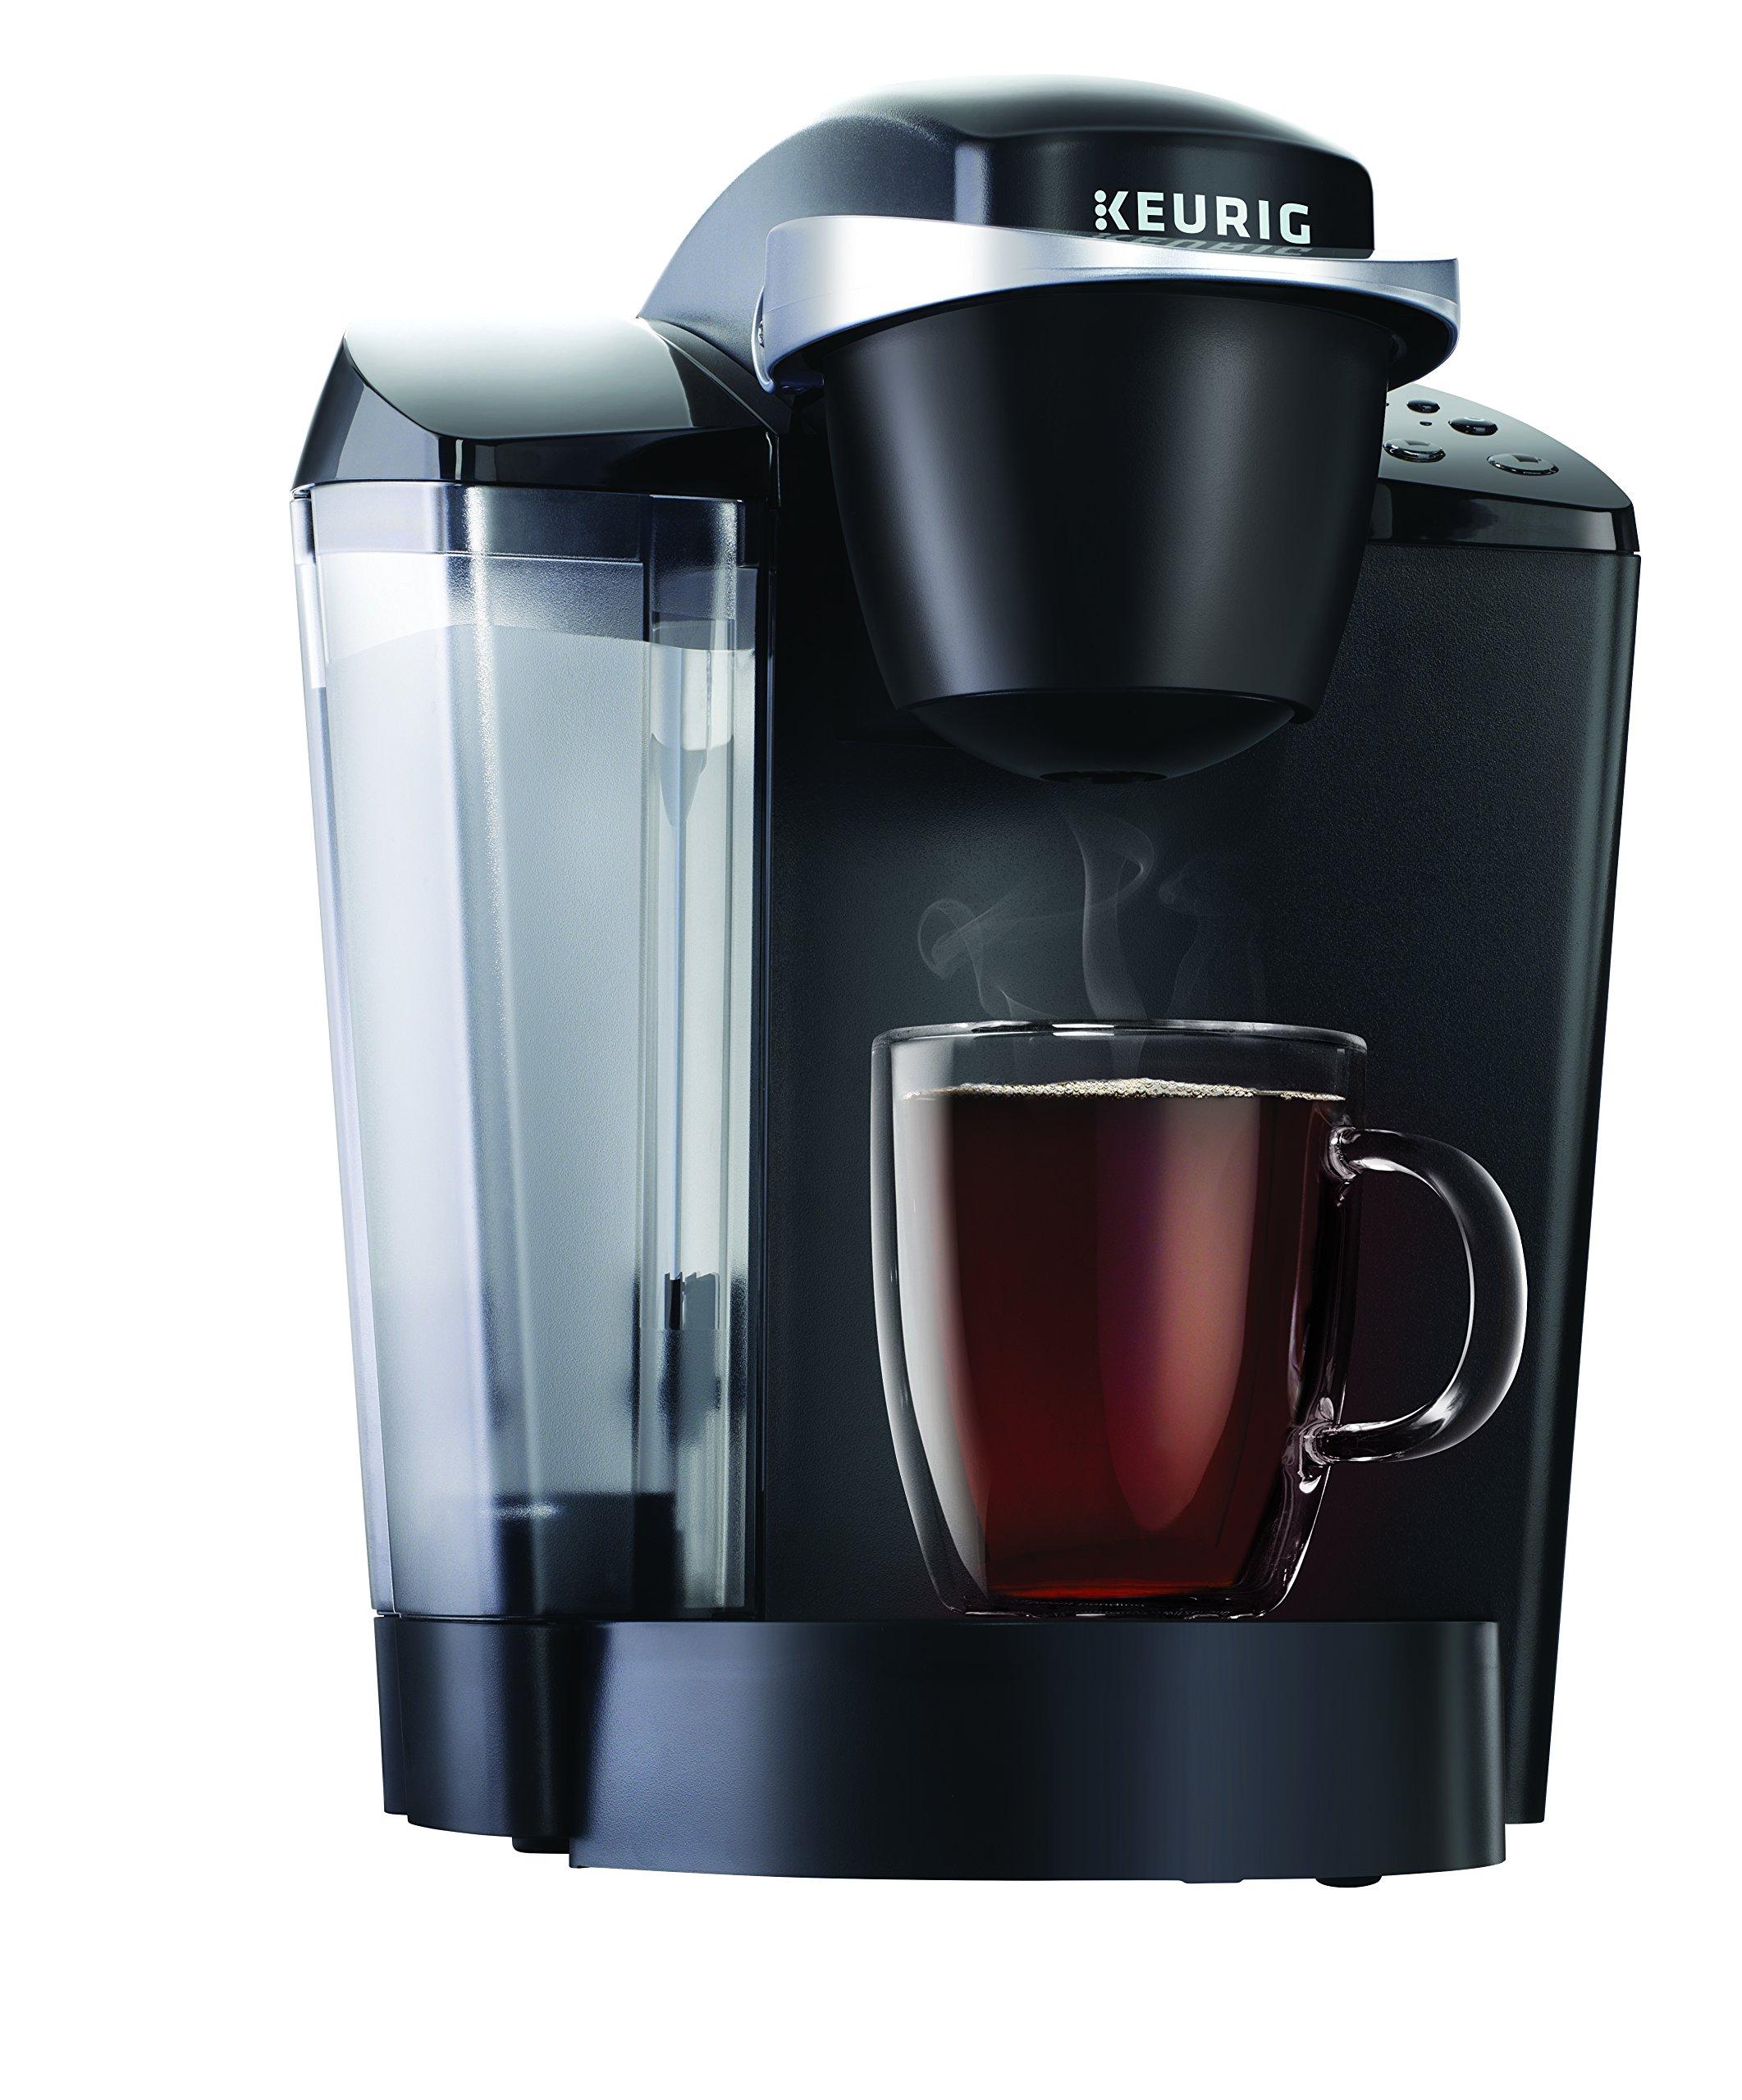 Keurig K55 Coffee Maker Black 4